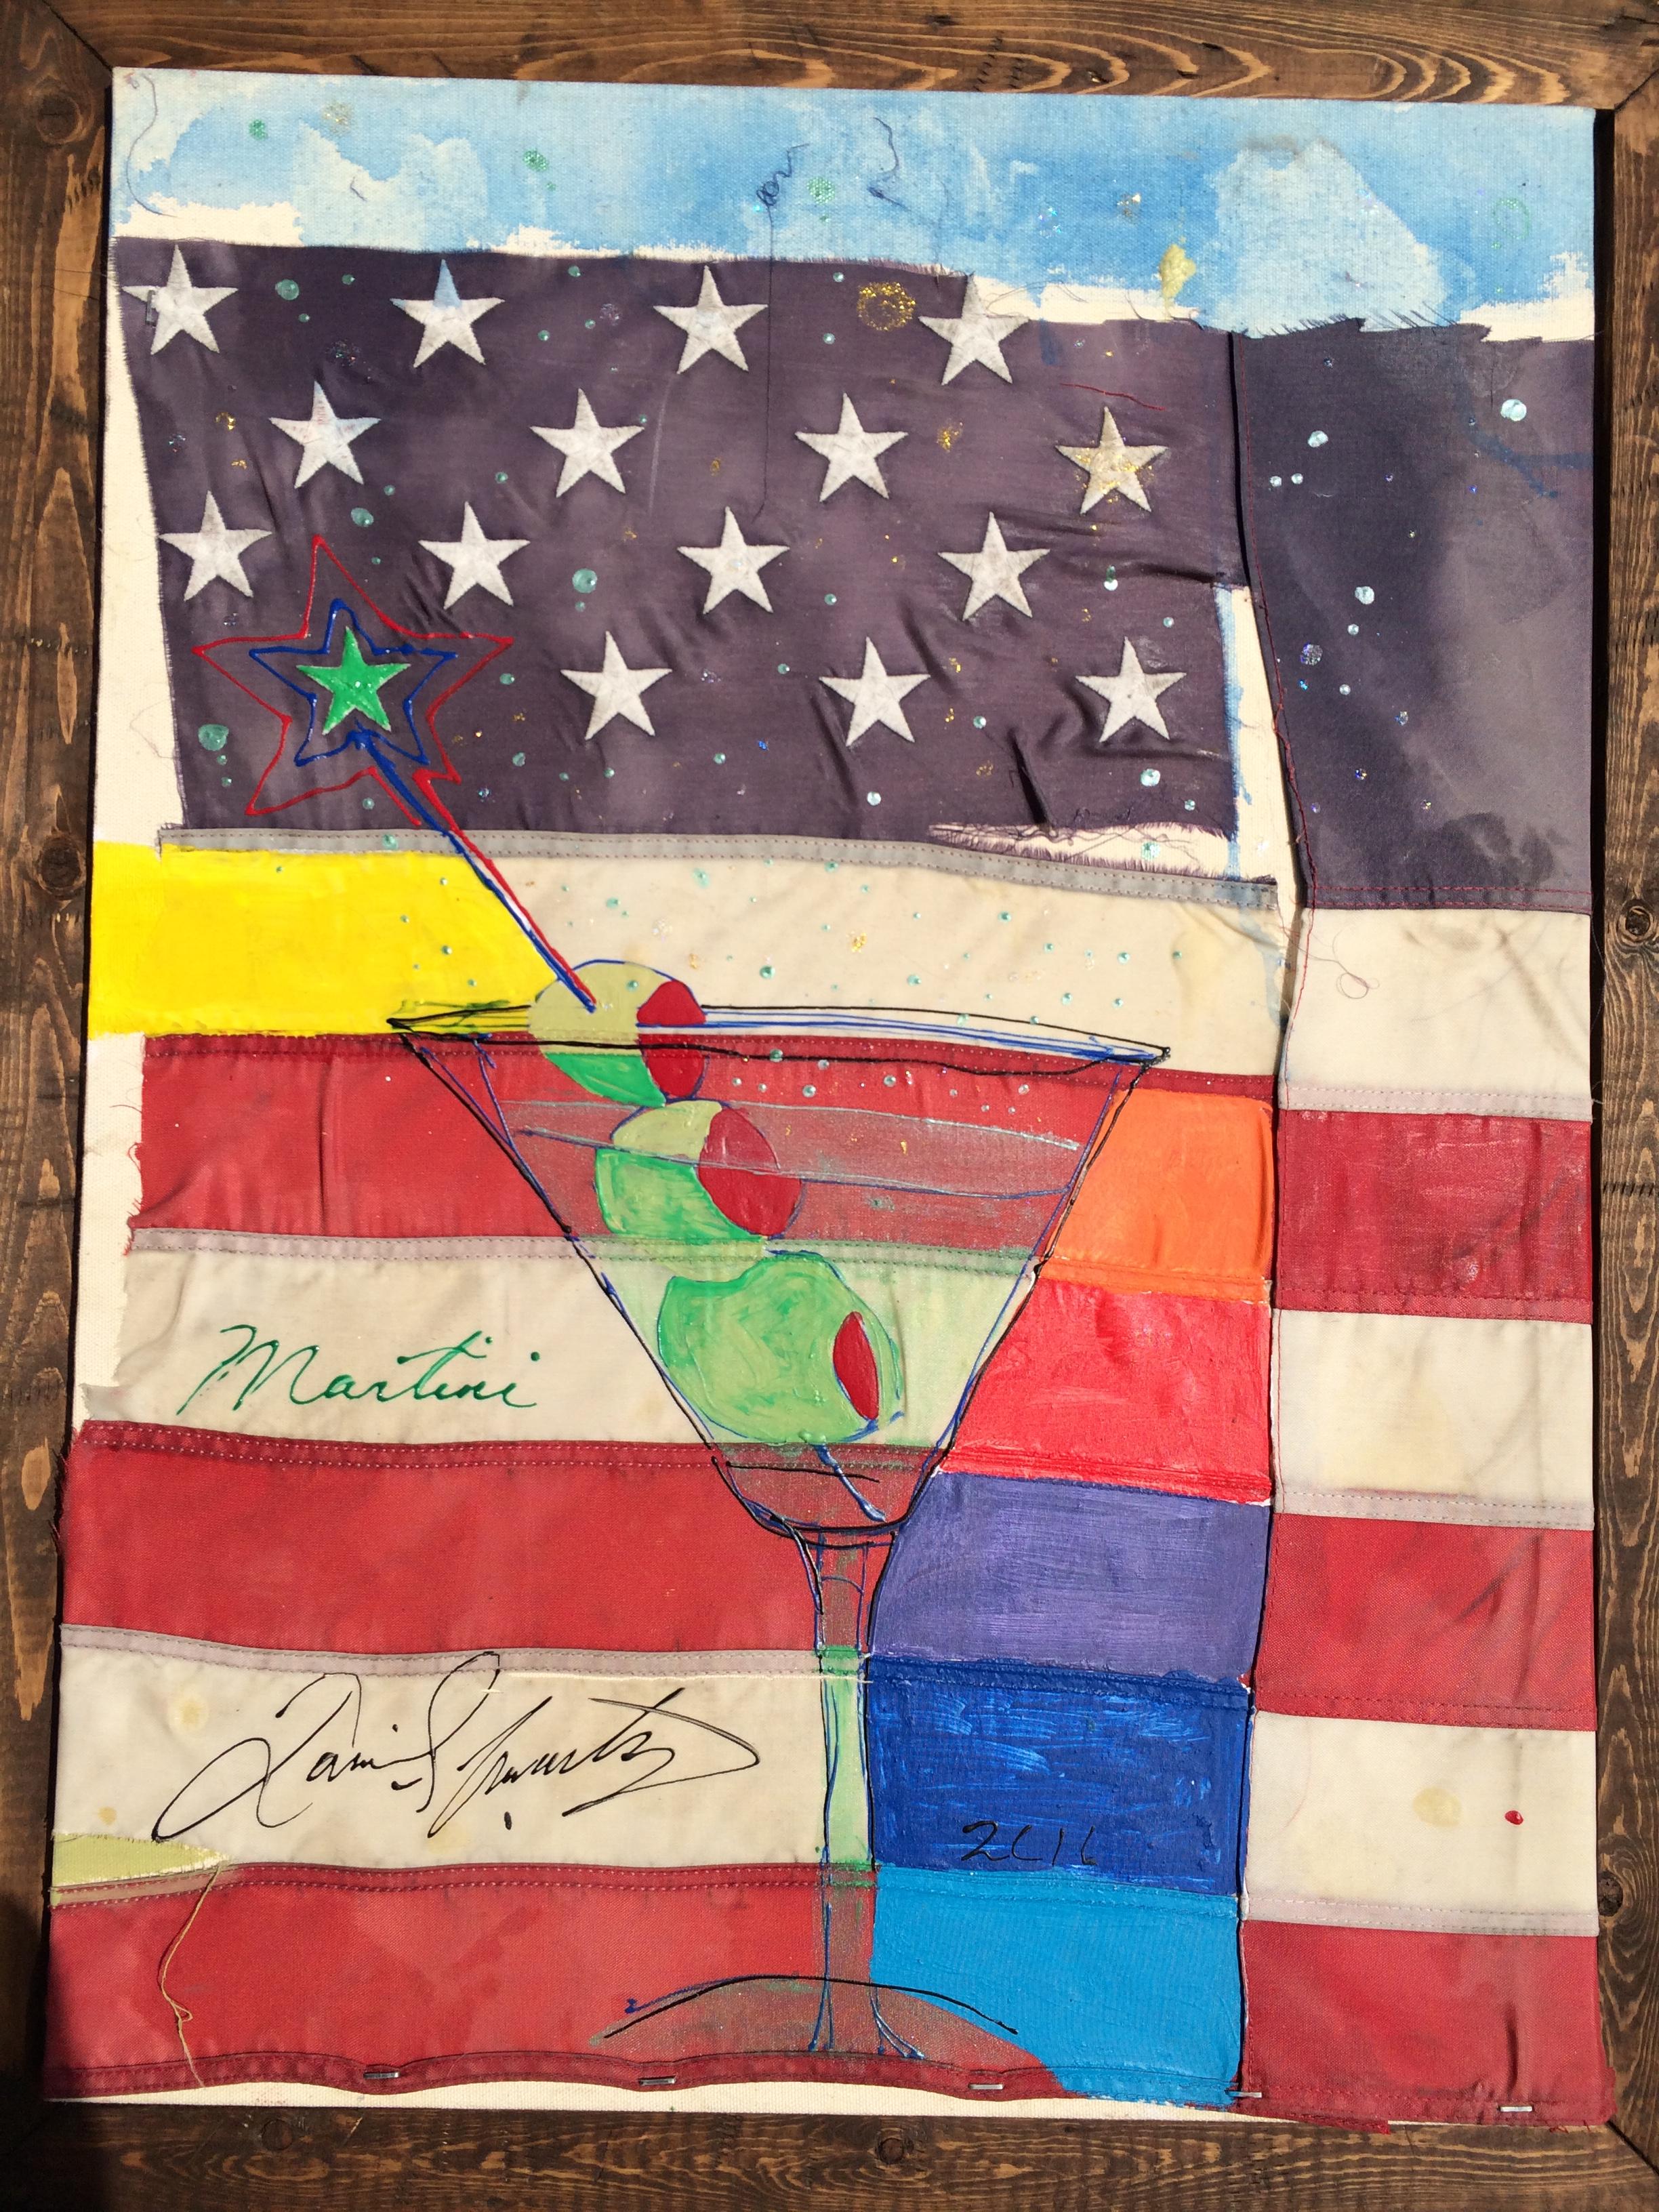 Martini America